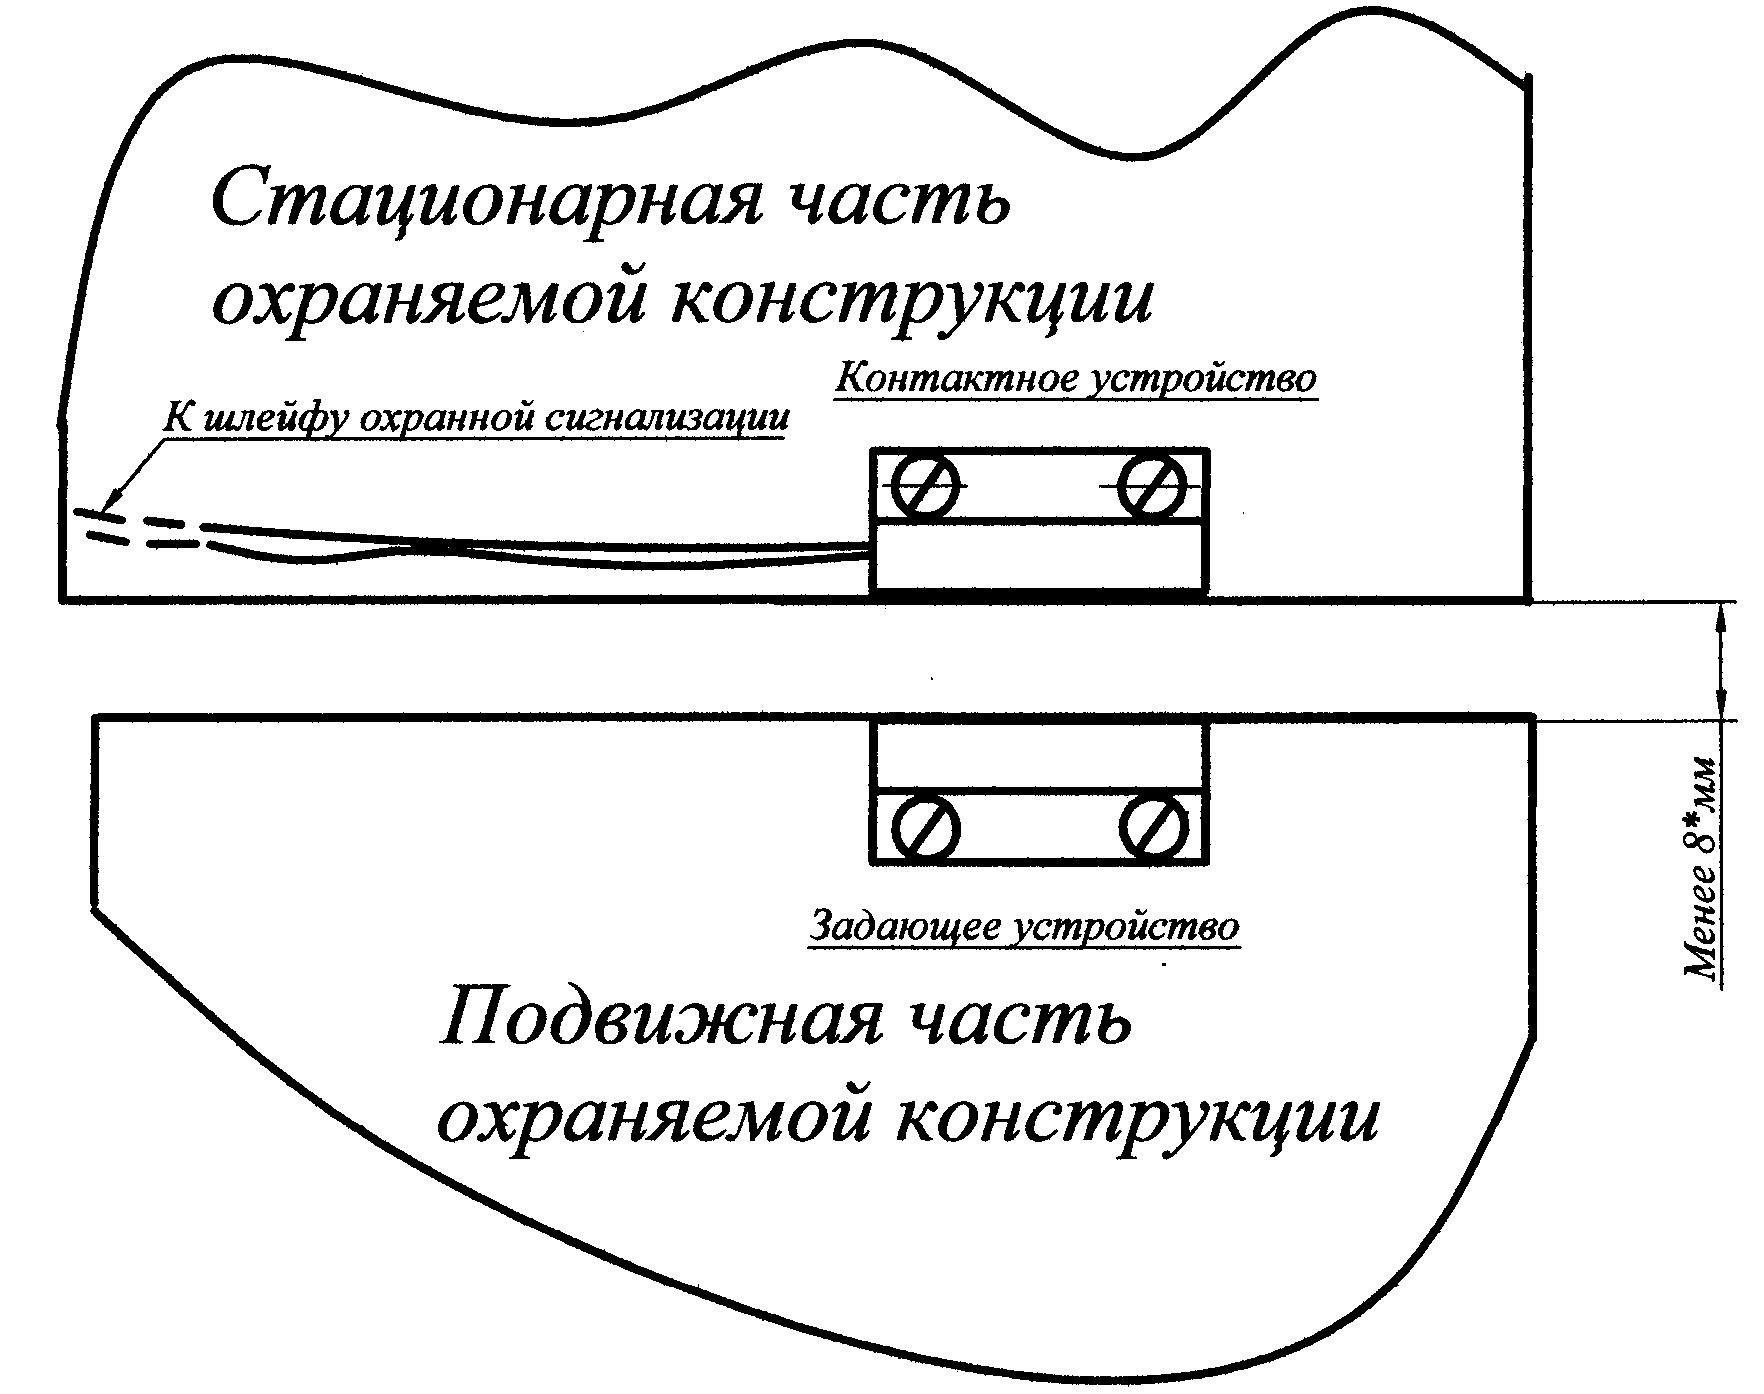 Установка датчика СМК-1Э